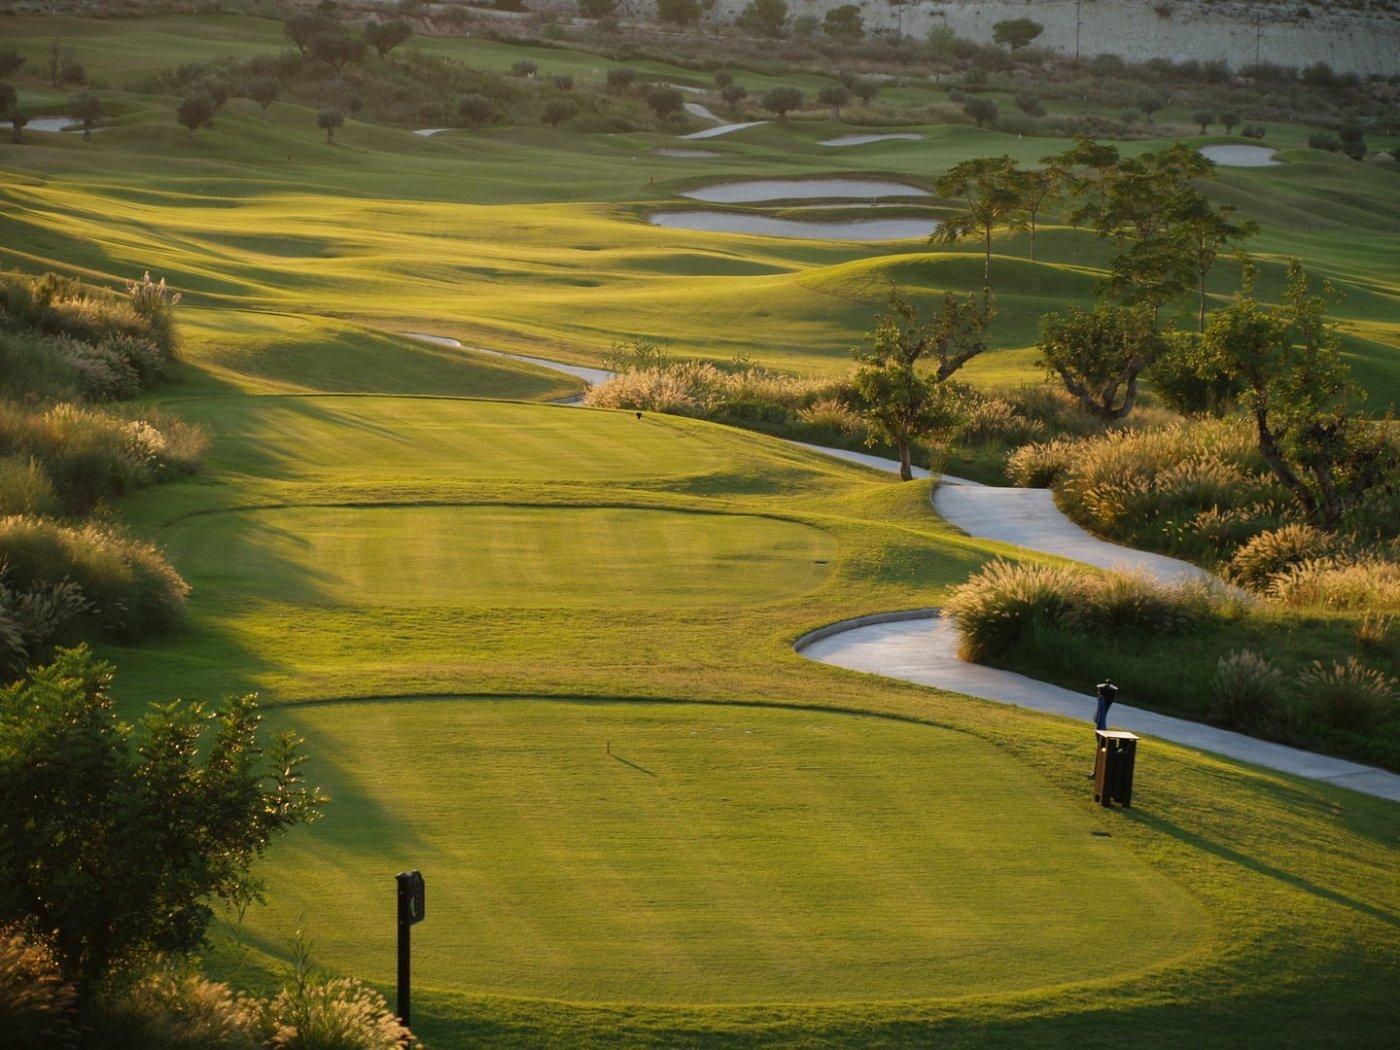 Villas en primera lÍnea de golf en font del llop - imagenInmueble15